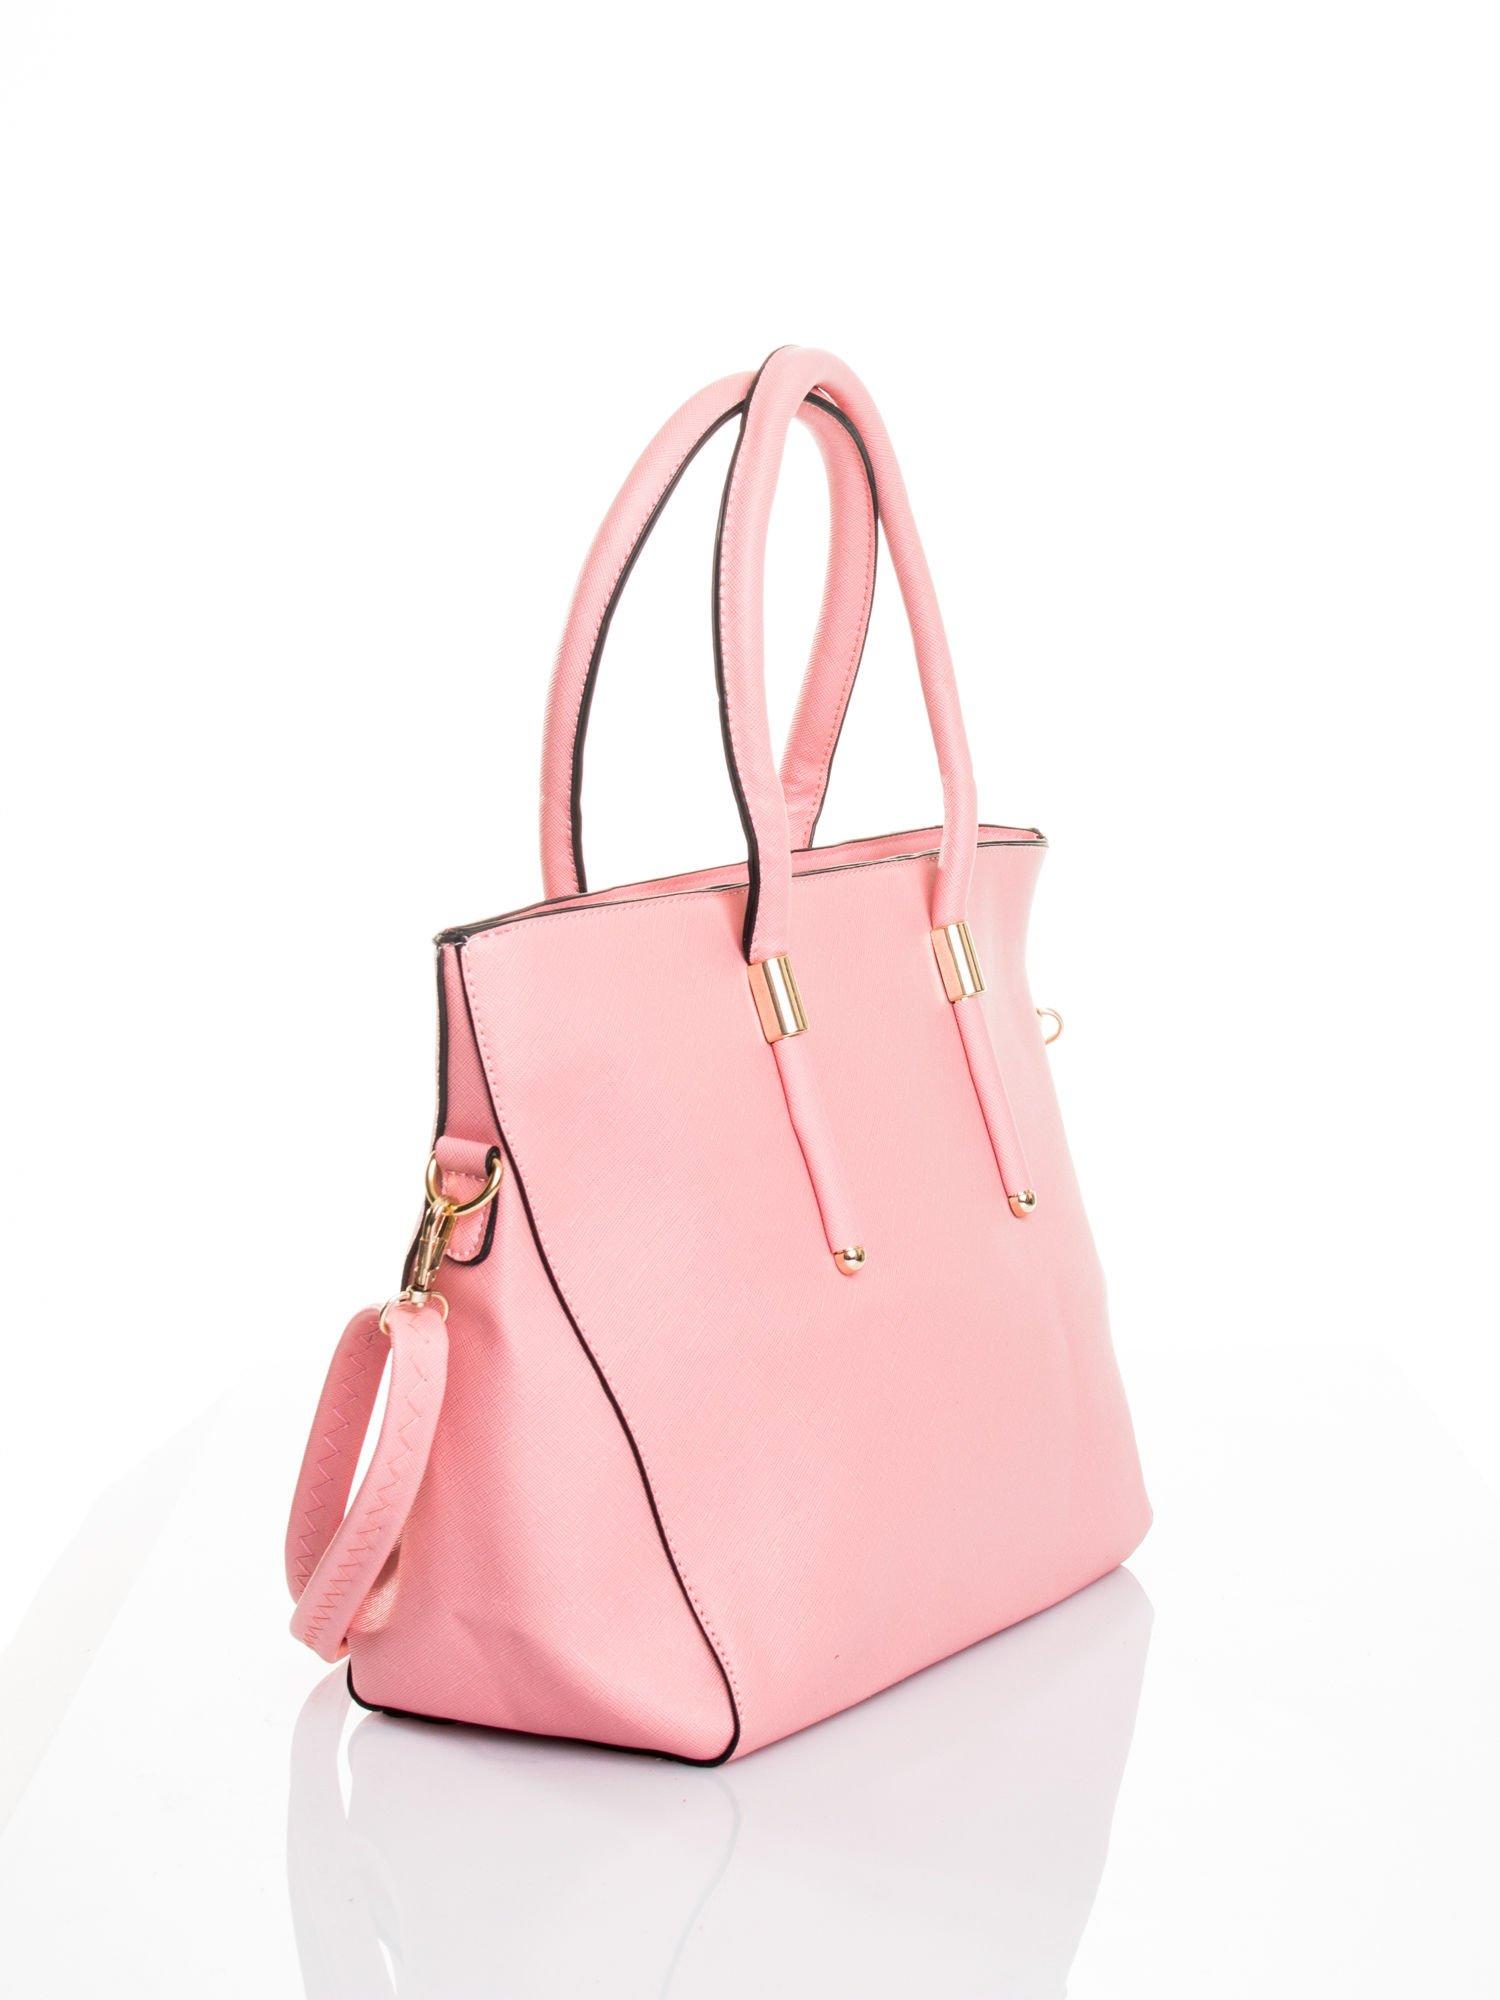 Jasnoróżowa torba shopper efekt saffiano                                  zdj.                                  3